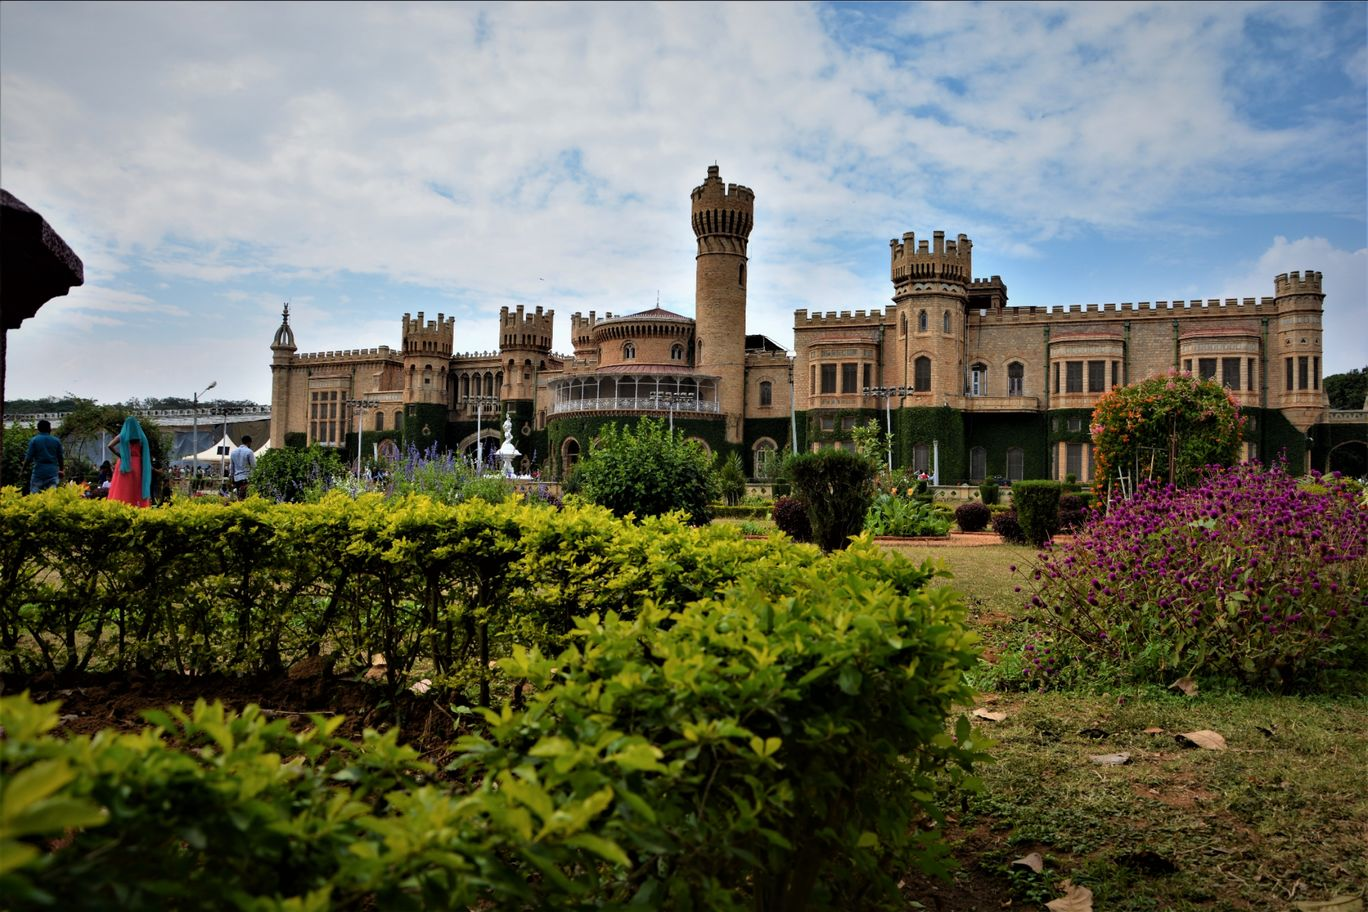 Photo of Bangalore Palace By Nikita Naiyya|Eraofdreams.com